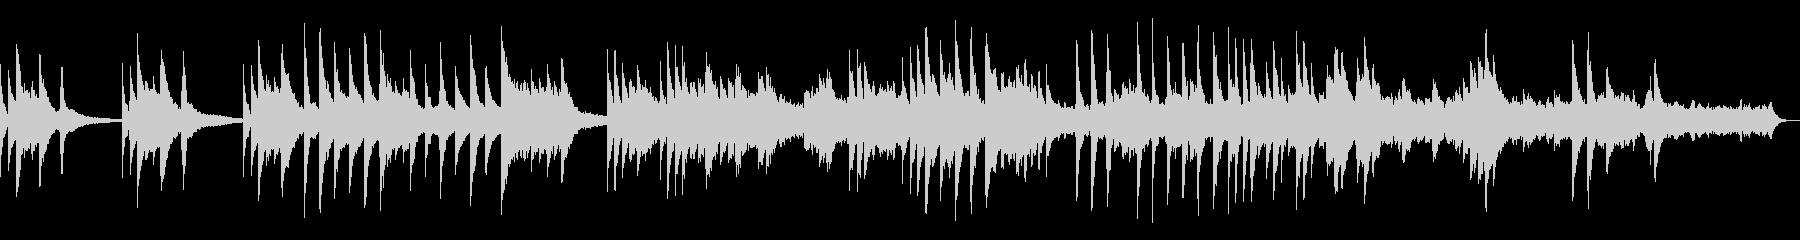 ピアノとストリングスの爽やかなBGMの未再生の波形